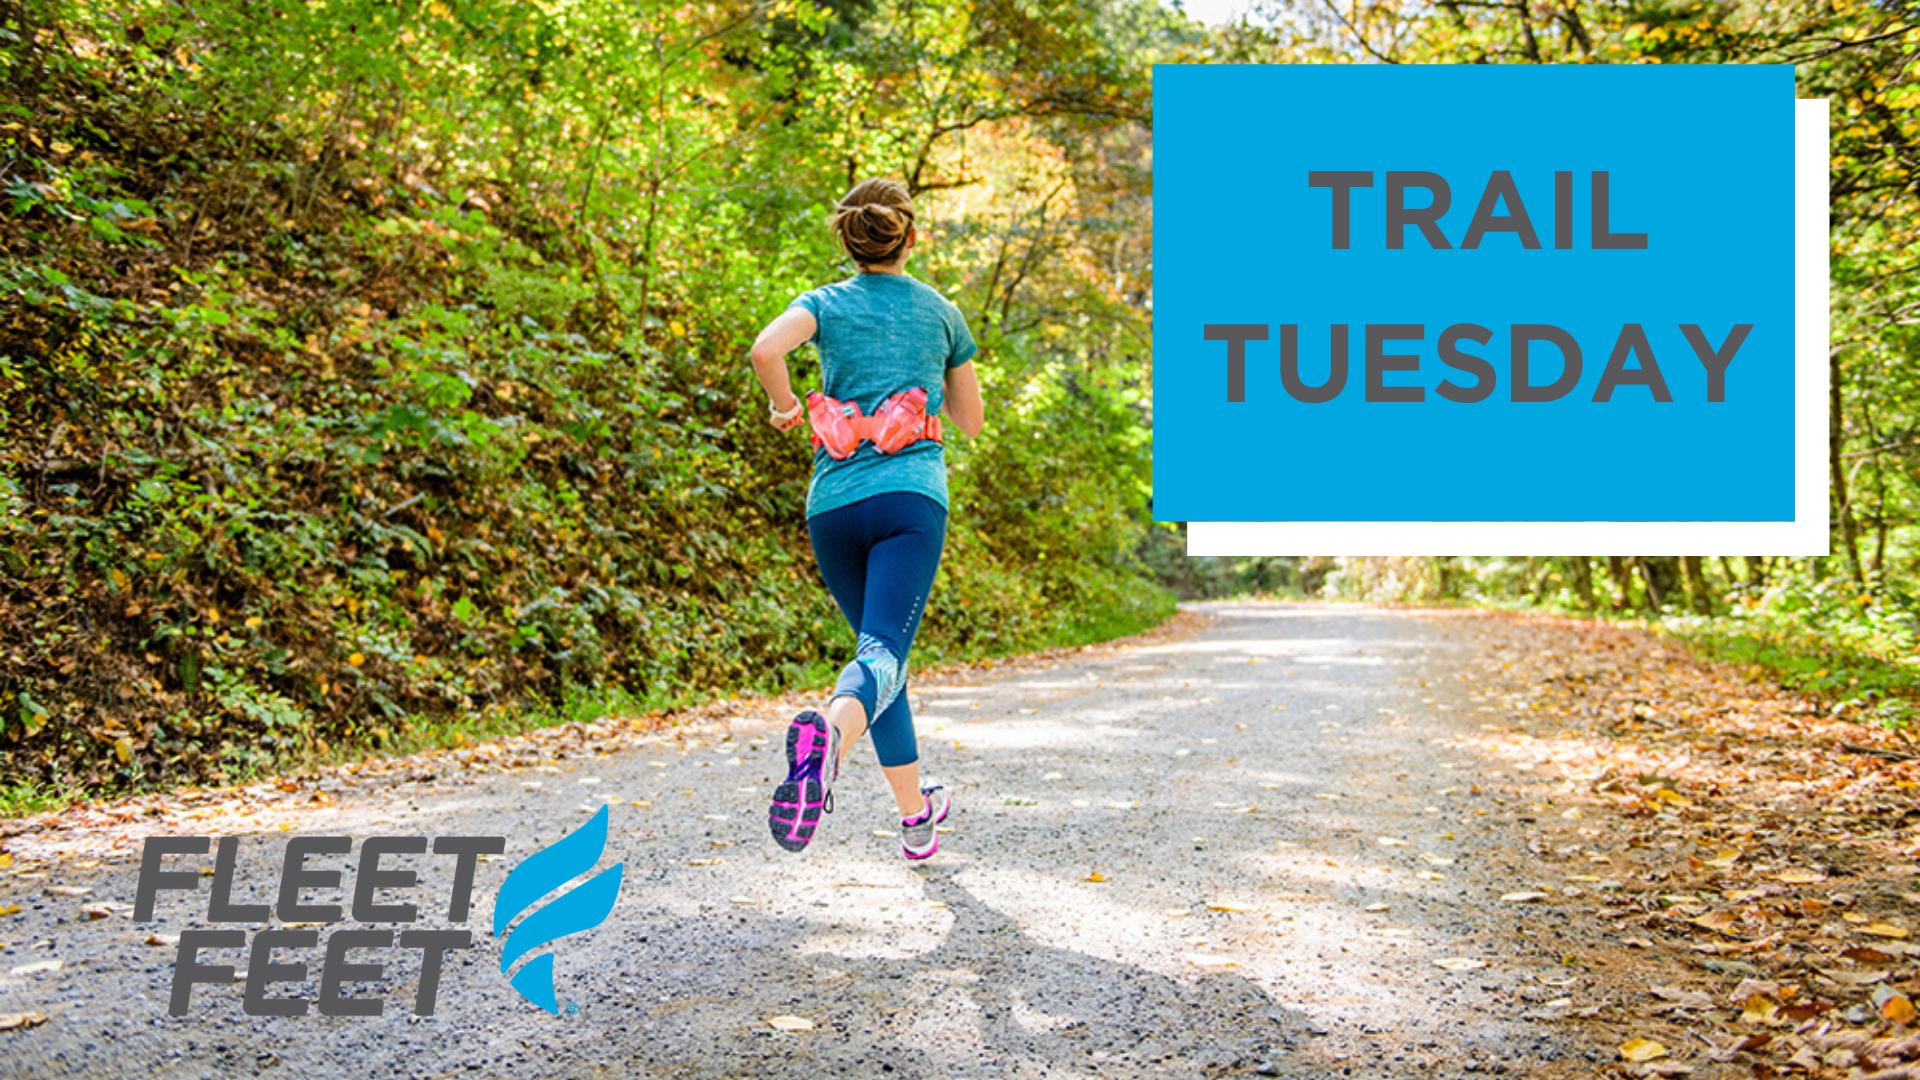 Trail Tuesday